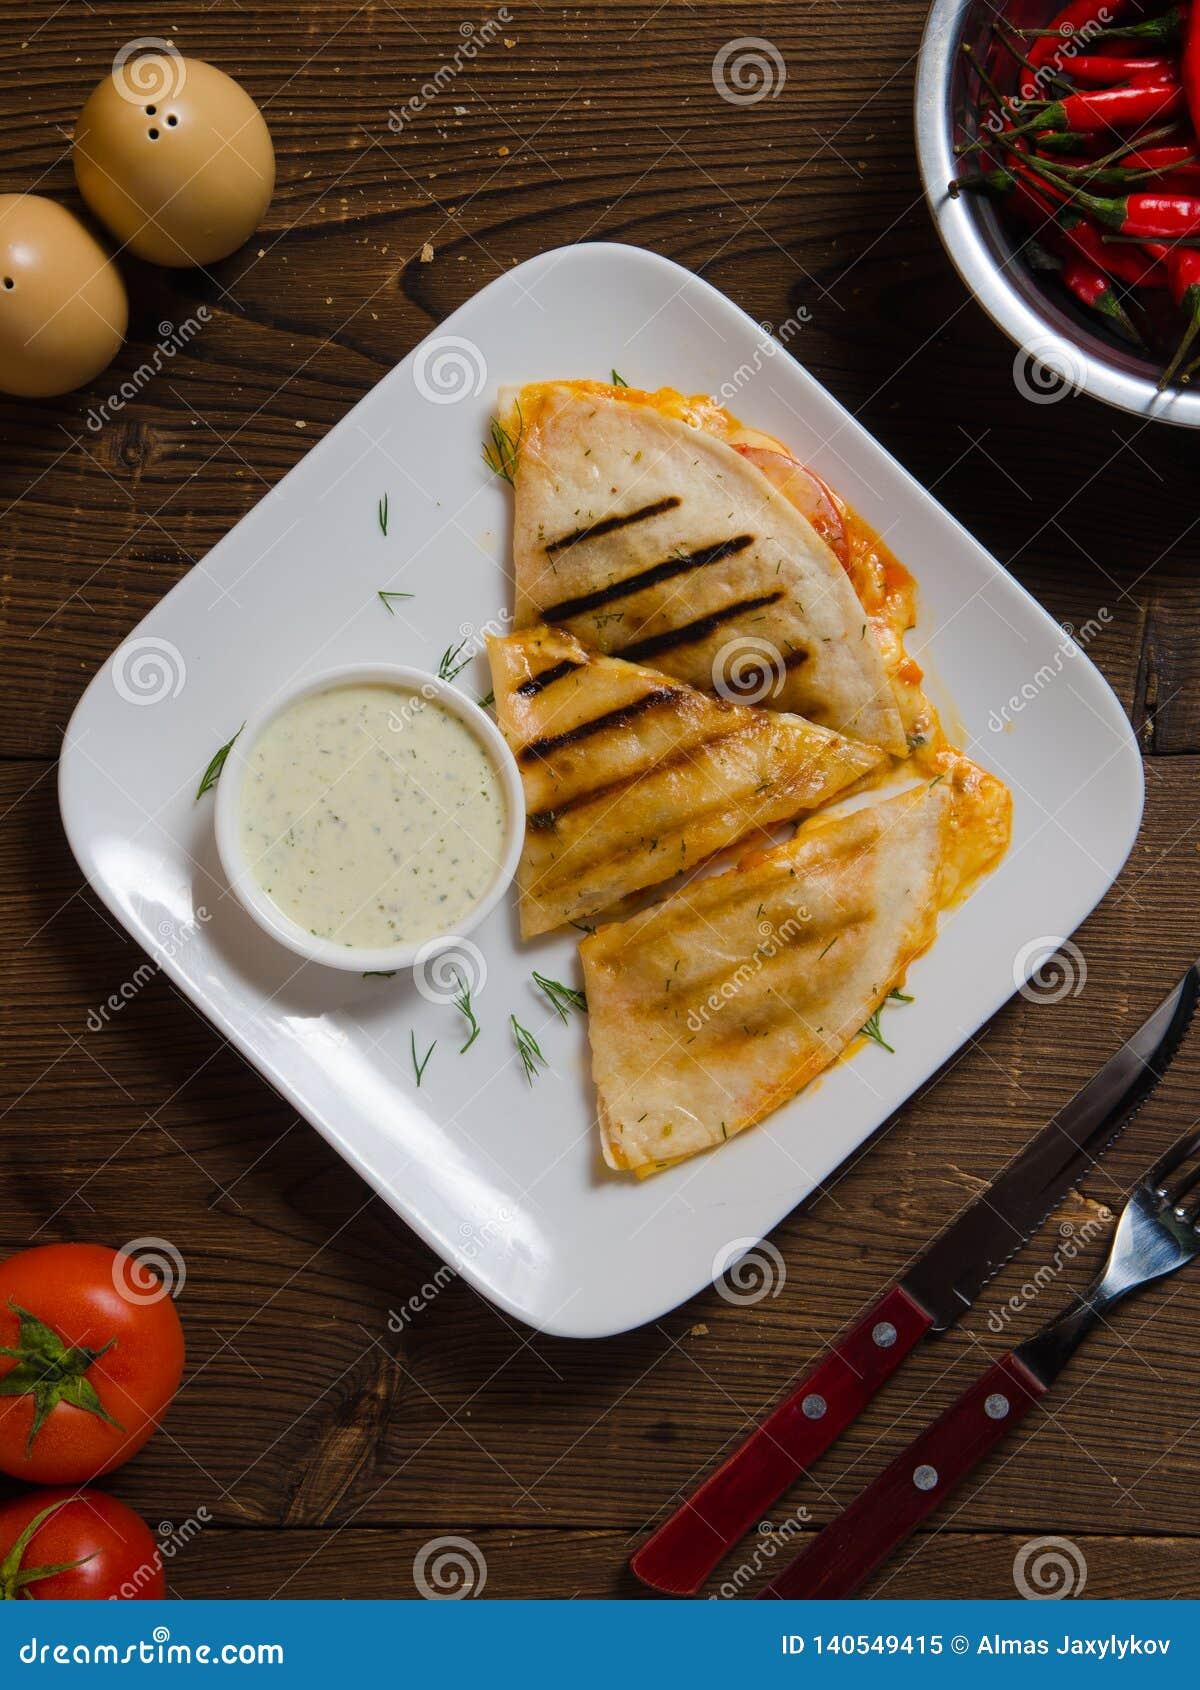 Mexicaanse quesadilla met kip, kaas en peper